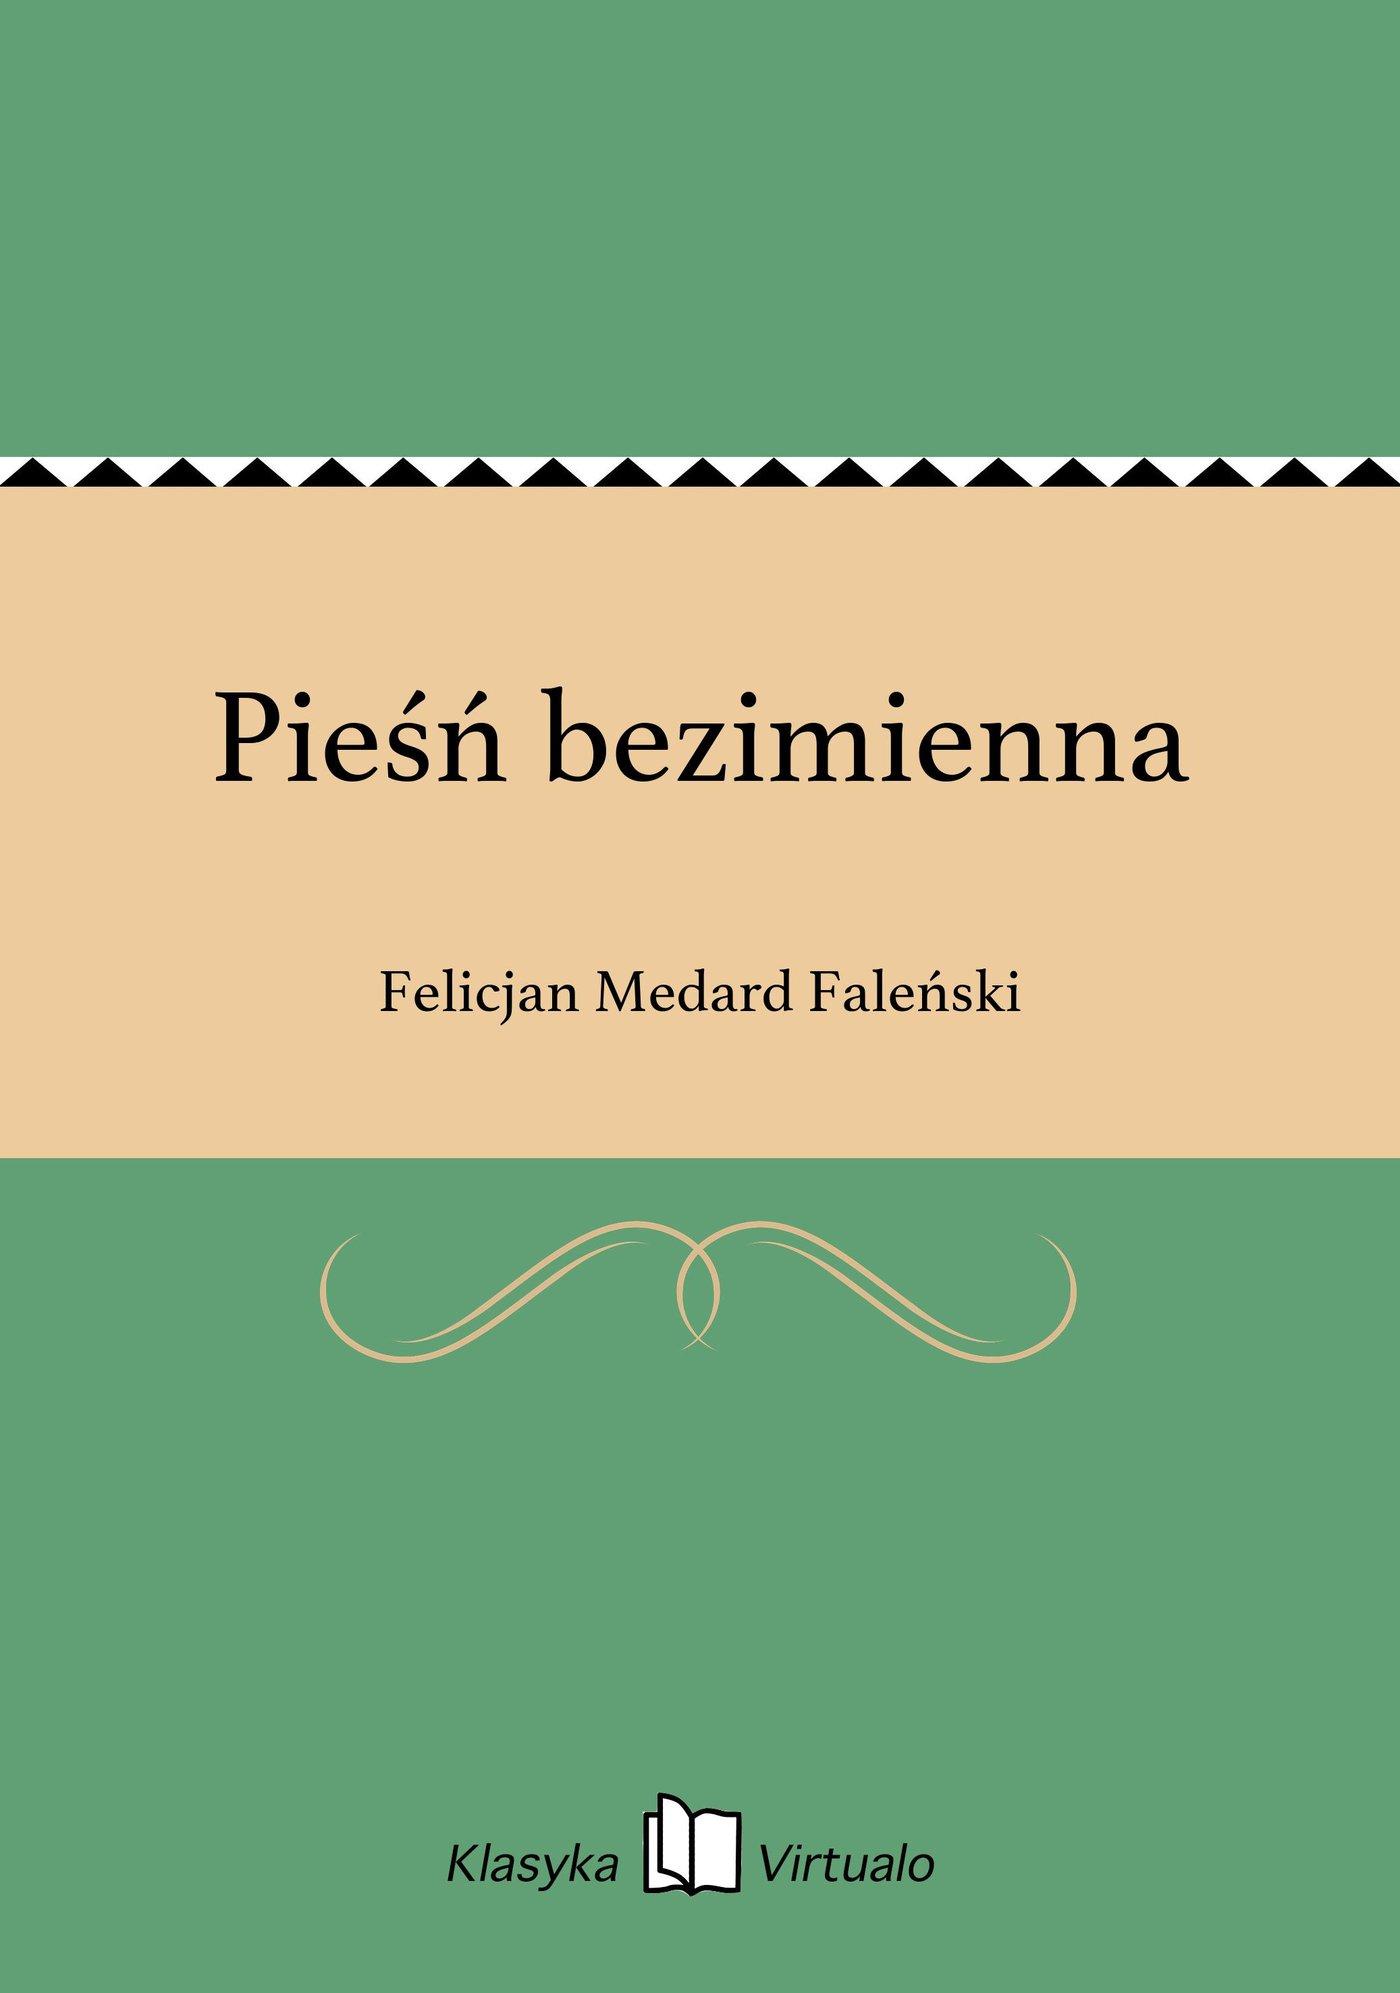 Pieśń bezimienna - Ebook (Książka EPUB) do pobrania w formacie EPUB